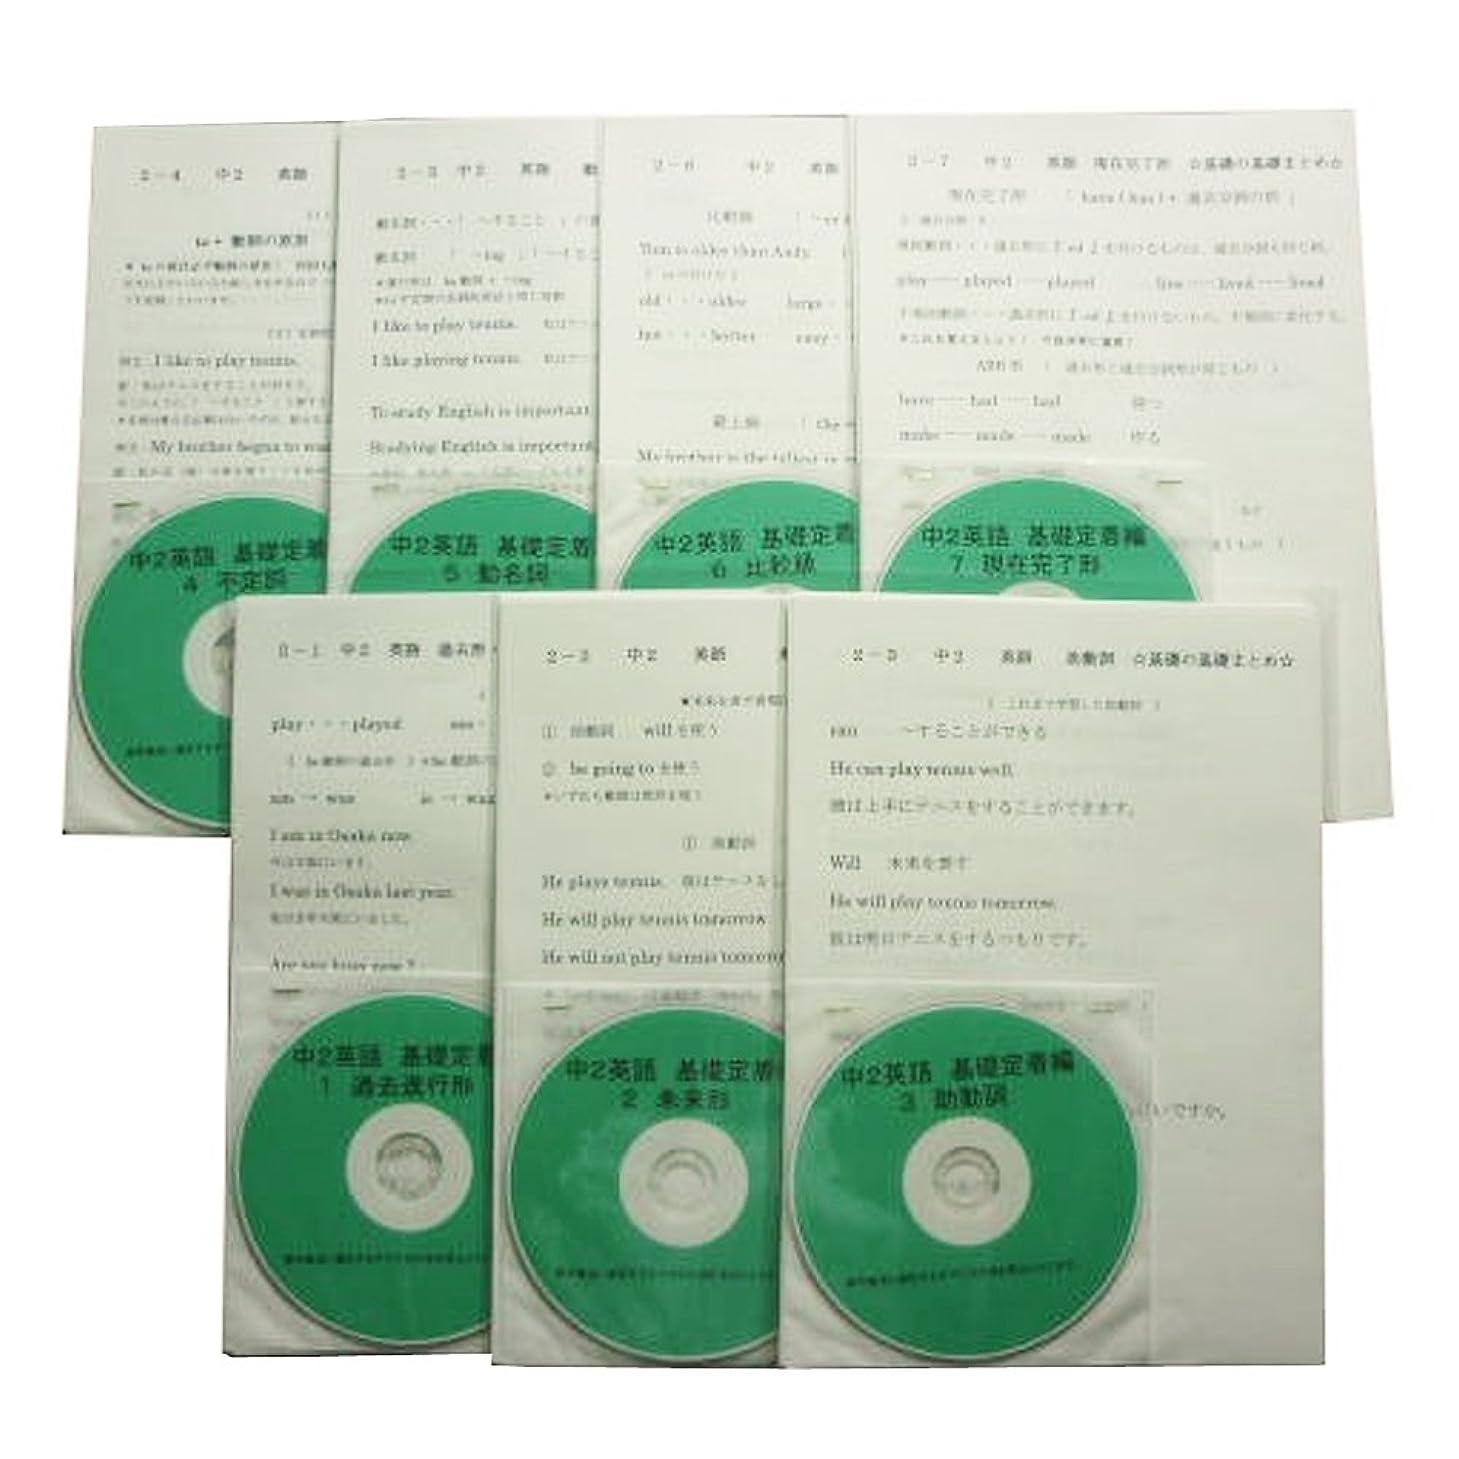 パフ運命敵対的中学 英語 2年 【応用】 7 完了形 DVD (授業+テキスト+問題集)